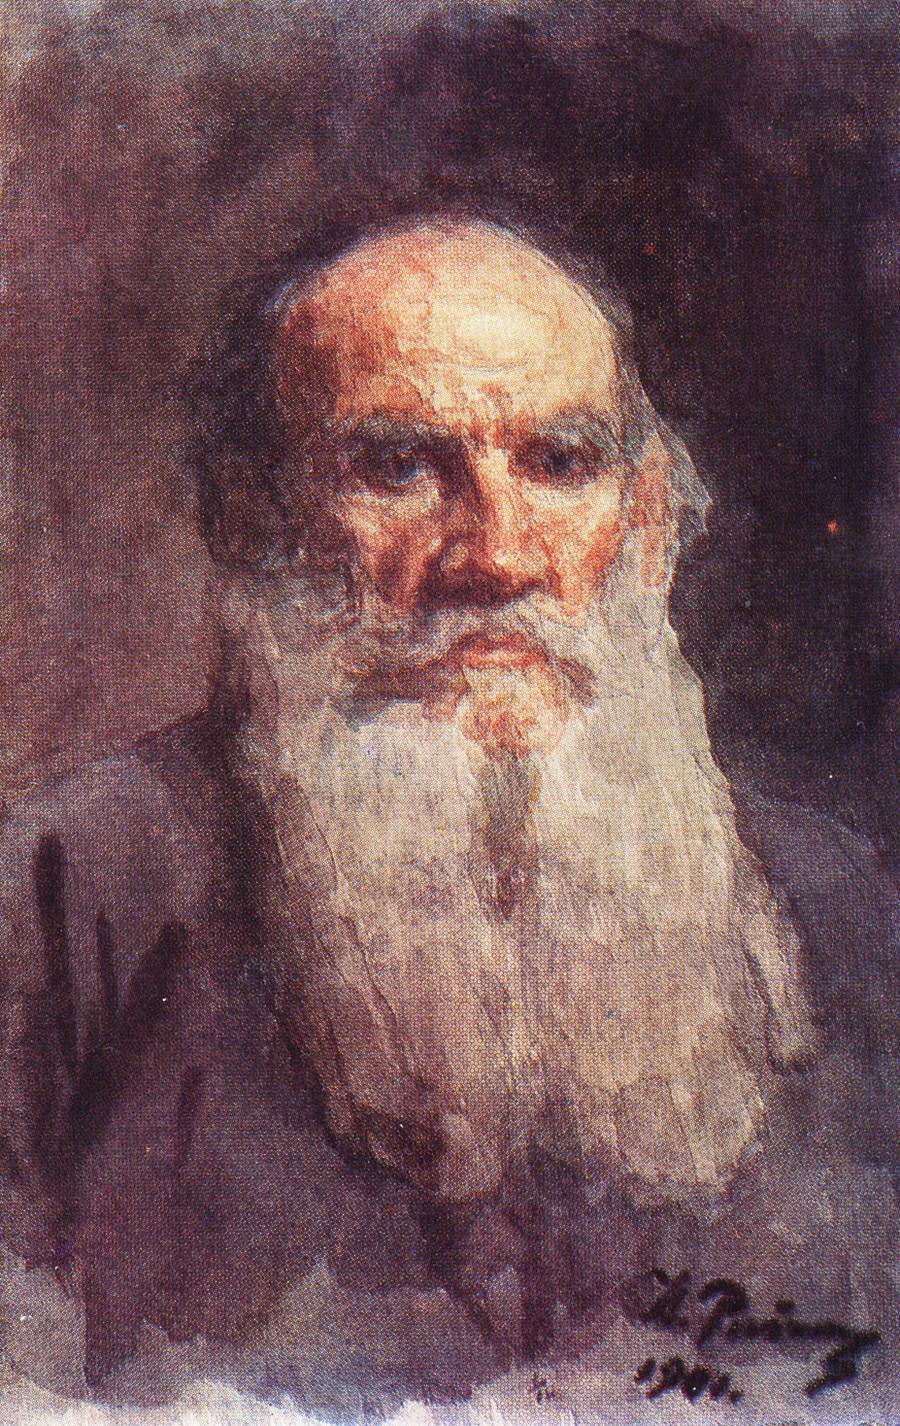 《列夫·尼古拉耶维奇·托尔斯泰的肖像画》,1901年。图片来源:State Tretyakov Gallery